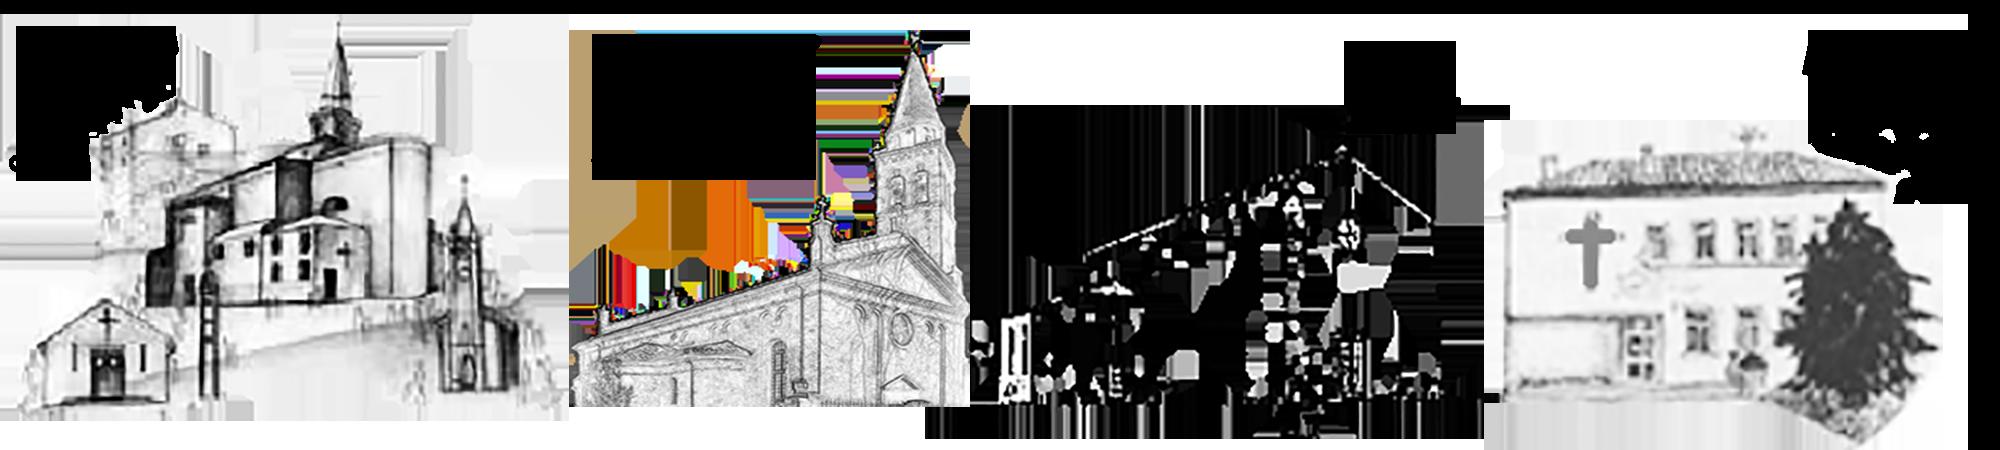 Parrocchie di San Stino di Livenza (VE)